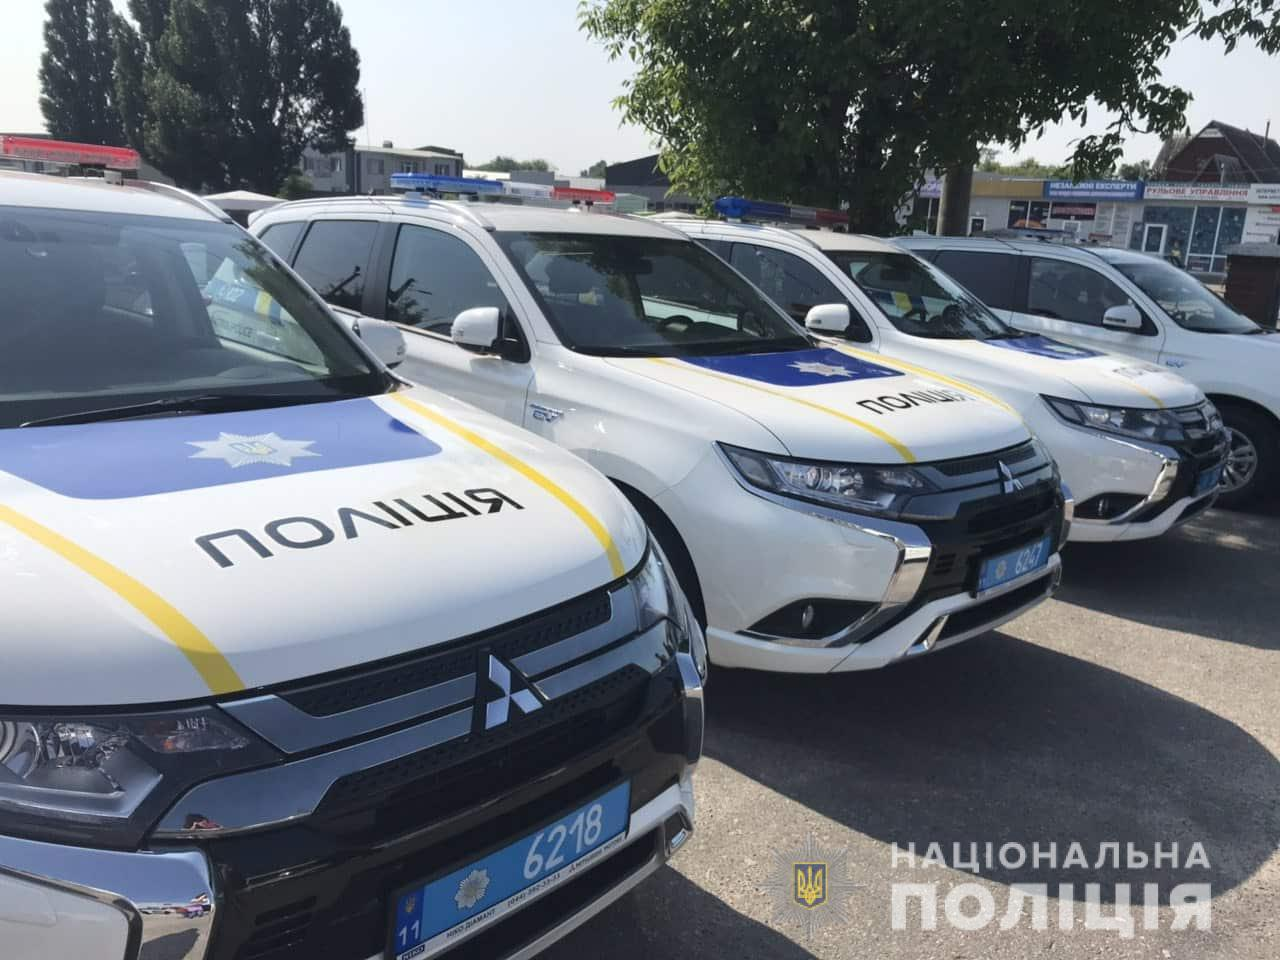 У Білій Церкві збільшили кількість поліцейських патрулів - патрульна поліція, Біла Церква - avto bts2